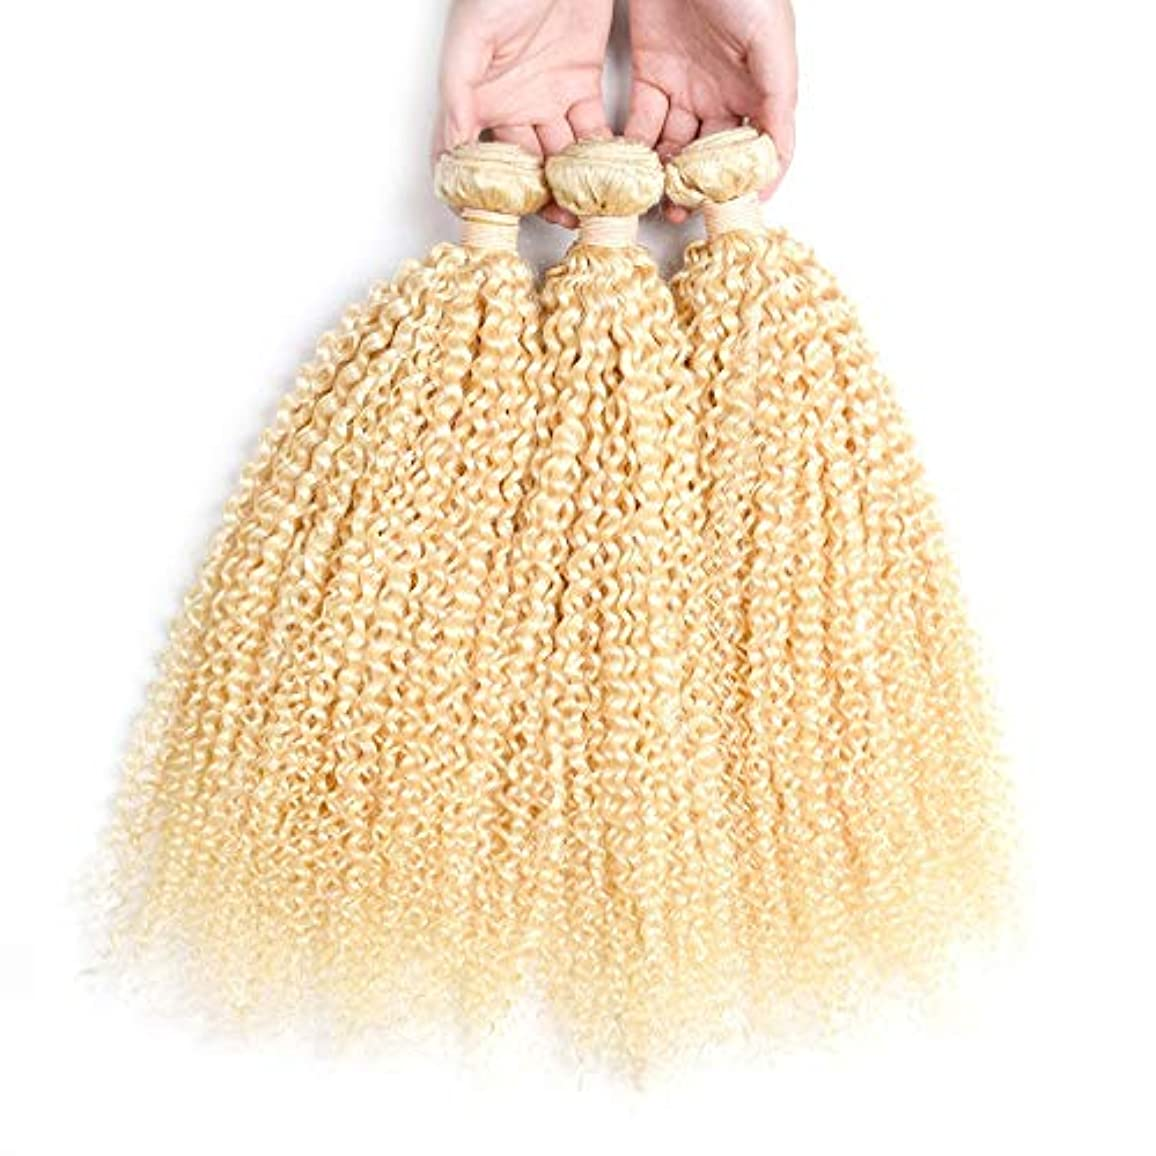 ストローク計器頻繁にHOHYLLYA ブロンドの人間の髪織りバンドル本物の変態カーリーヘアエクステンション横糸 - #613ブロンドの髪(1バンドル、10-26インチ、100g)ブロンドのかつら (色 : Blonde, サイズ : 10...